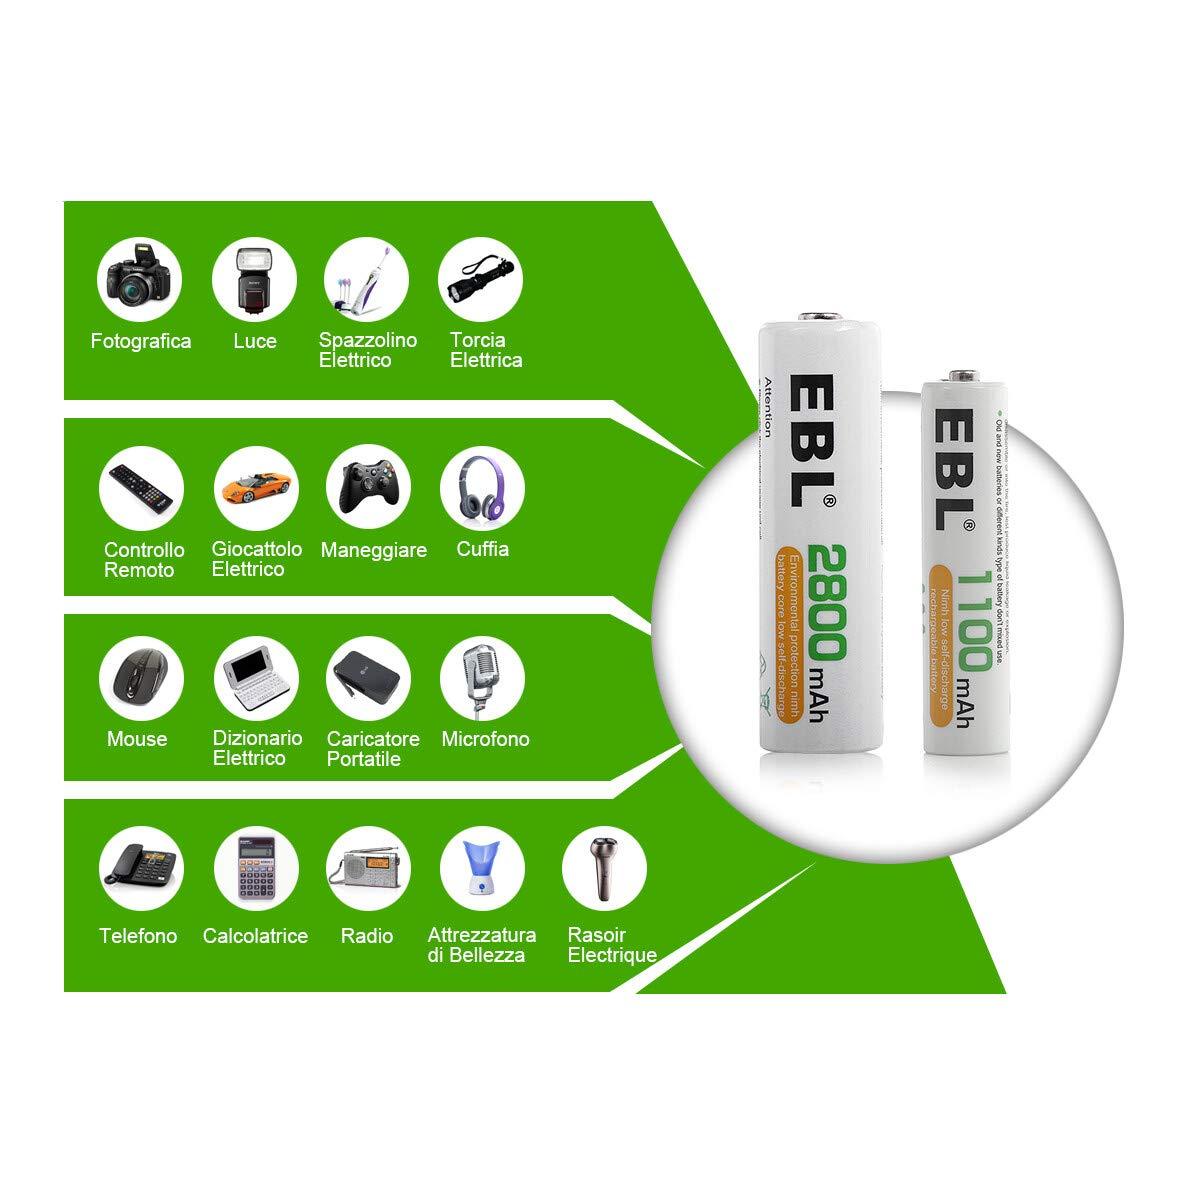 EBL AAA Batterie Ricaricabili Ad Alta Capacità,Pile Ricaricabili da 1100mAh Ni-MH con Astuccio Ricarica da 1200 volte,Confezione da 8 pezzi